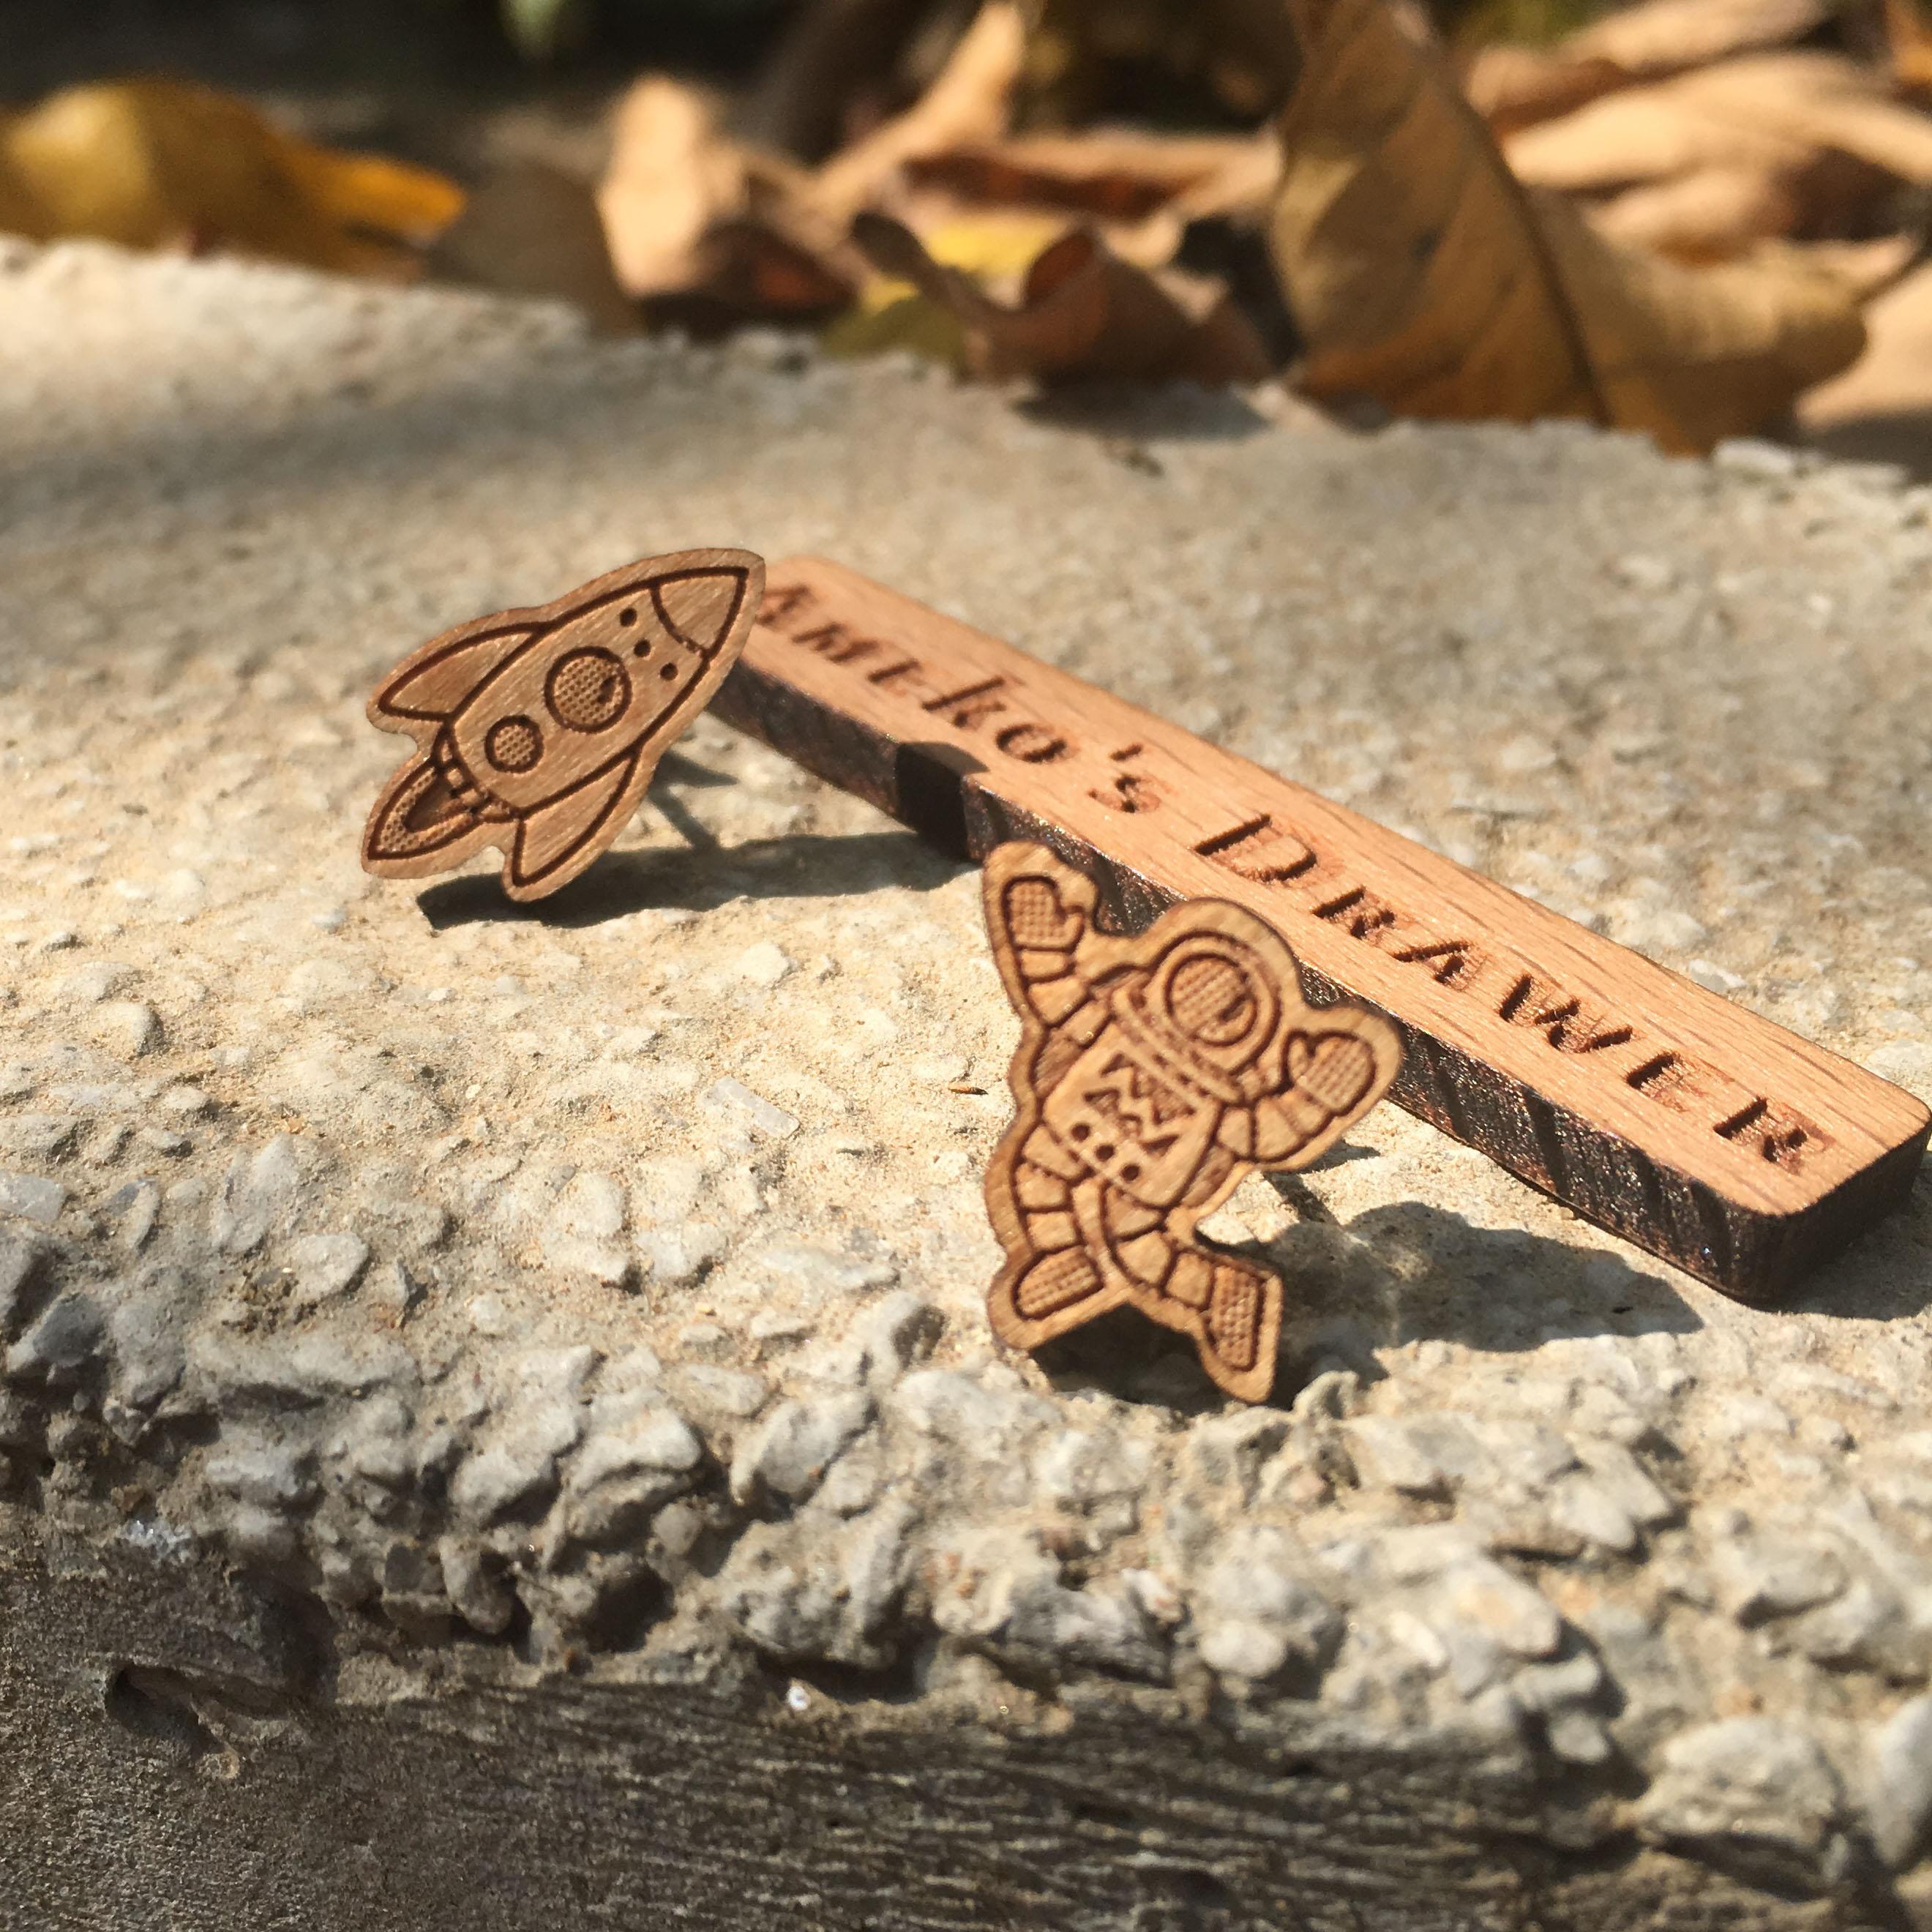 Majhni ročno izdelani leseni uhani za astronavte in vesoljske ladje - Modni nakit - Fotografija 2